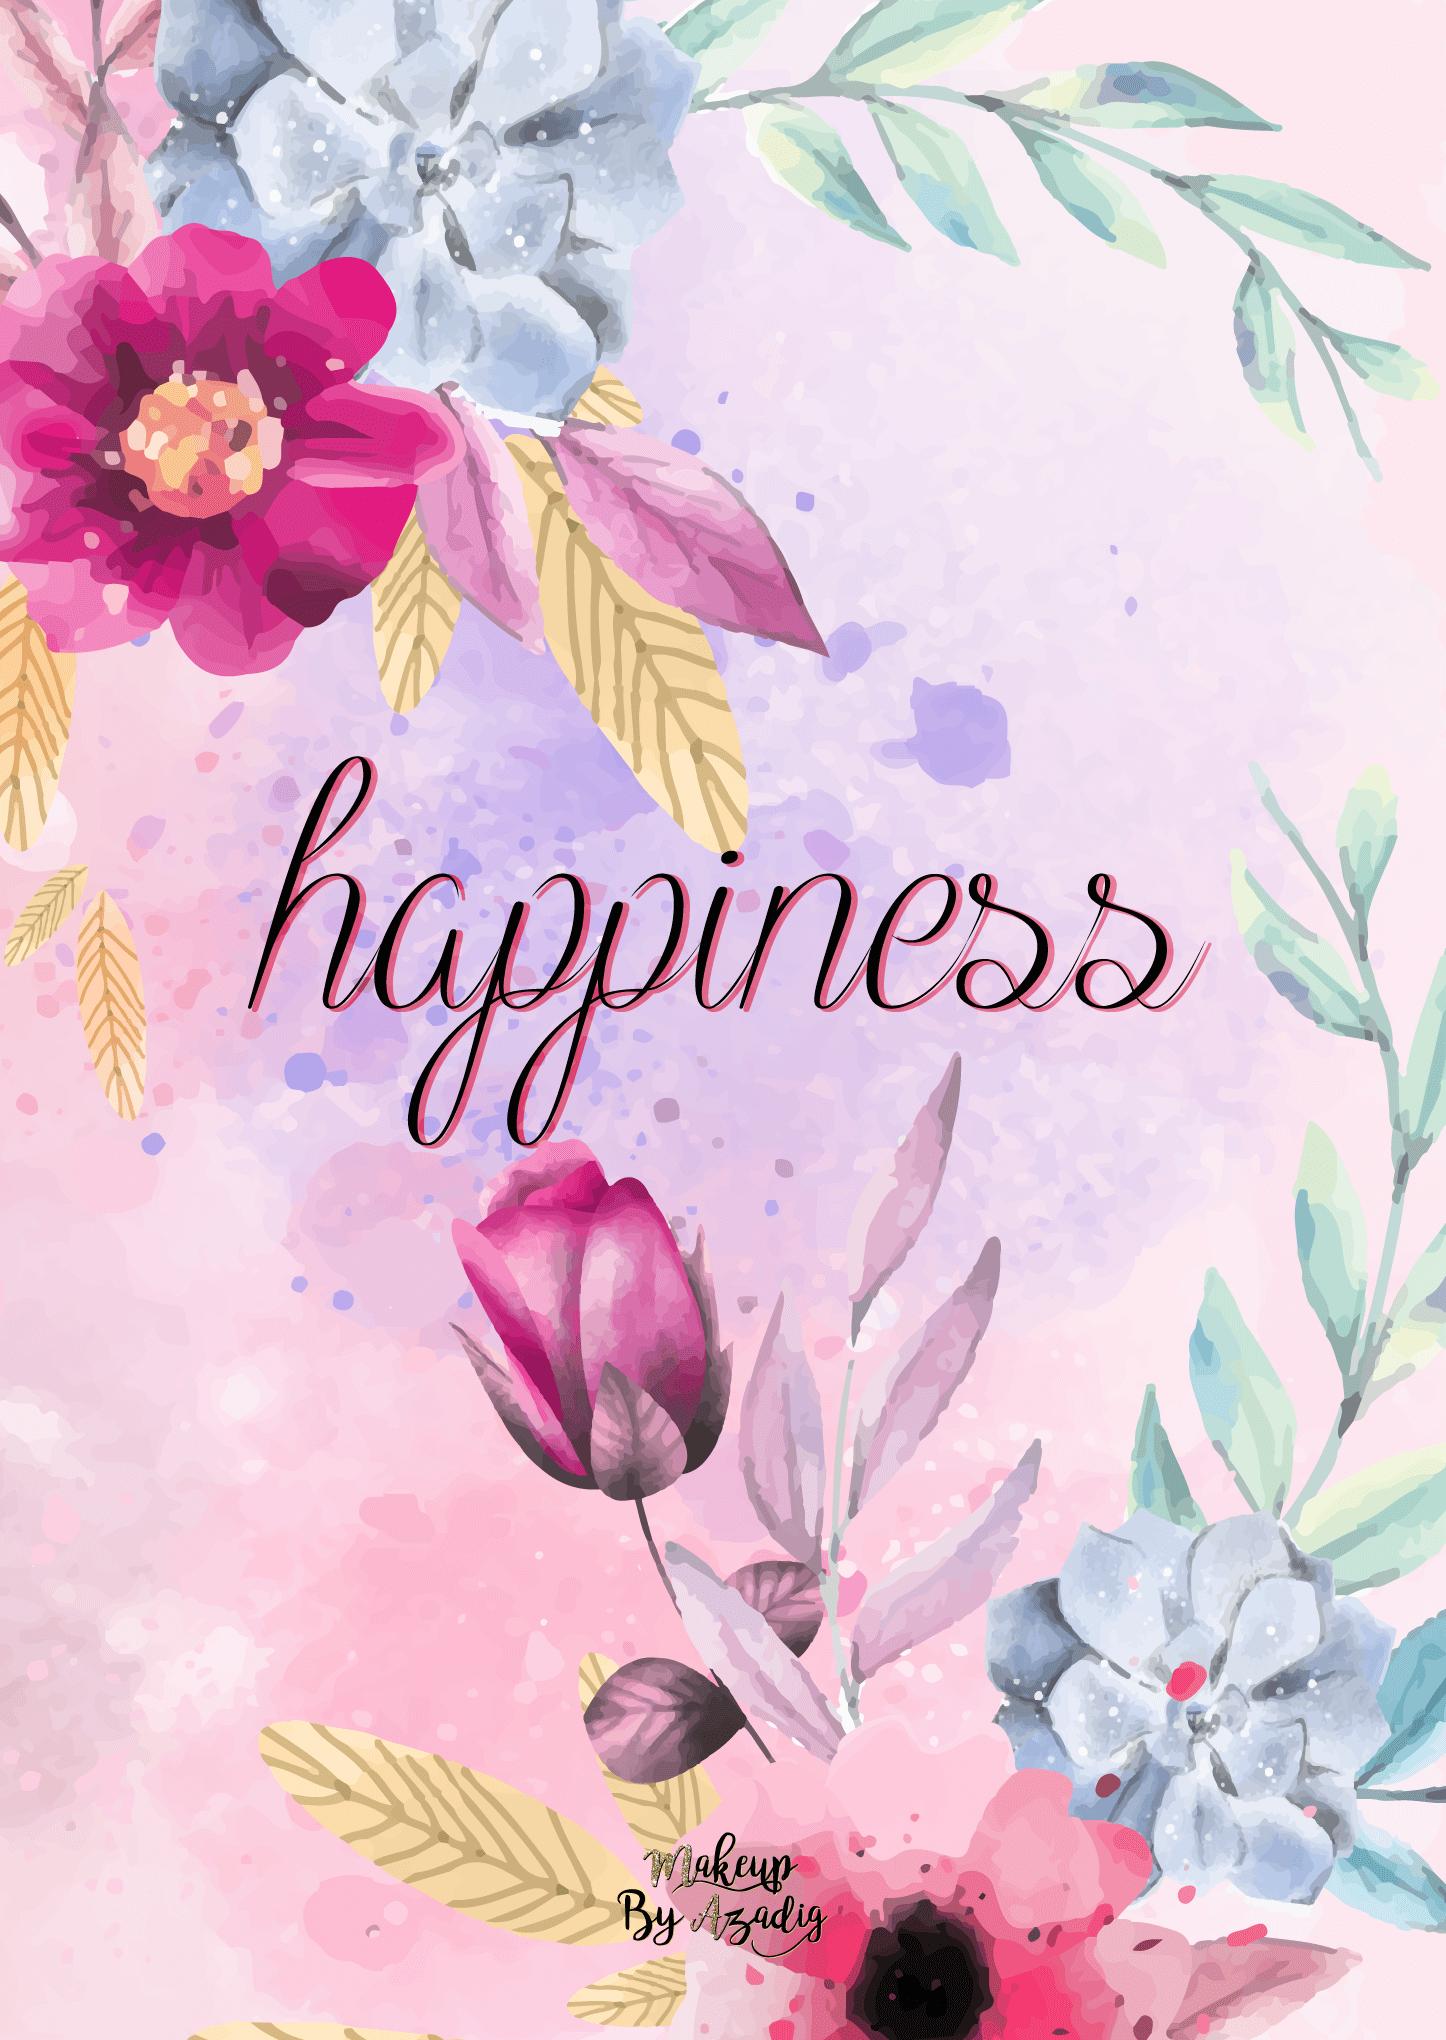 fond-decran-wallpaper-happiness-bonheur-joie-ipad-tablette-apple-makeupbyazadig-tendance